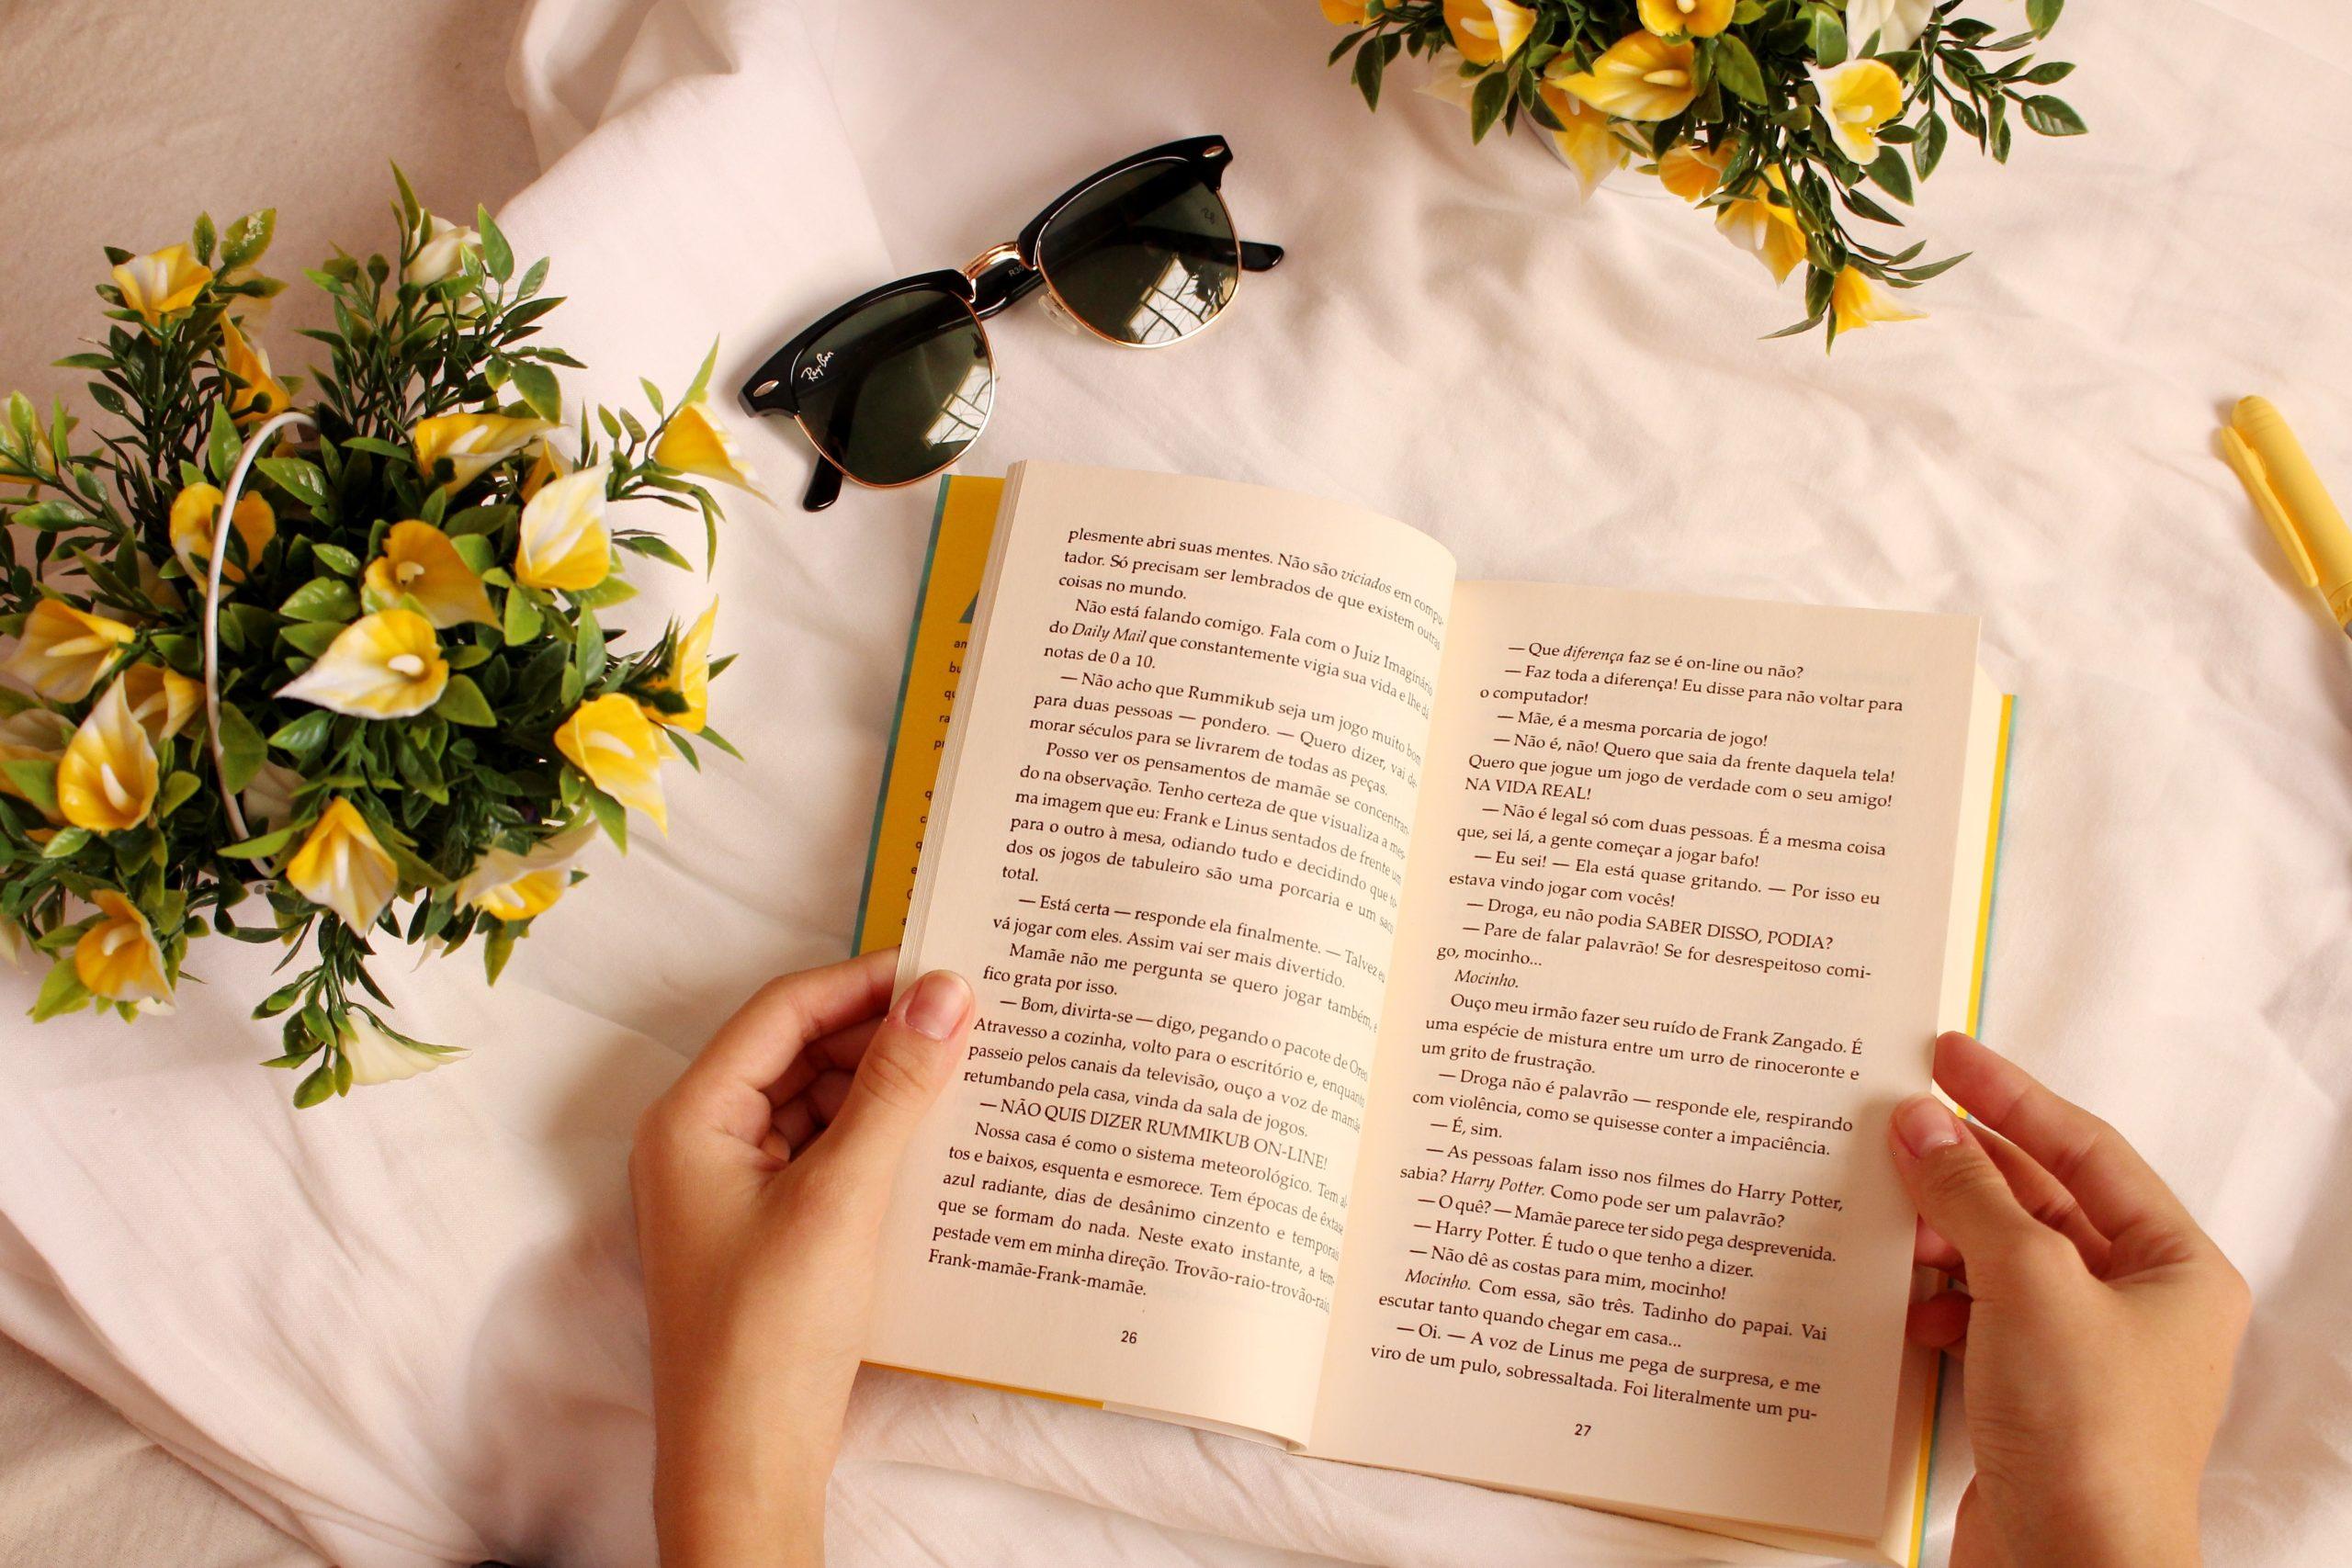 Tips: Kenali Genre Novel yang Realistis, Reality Fiction